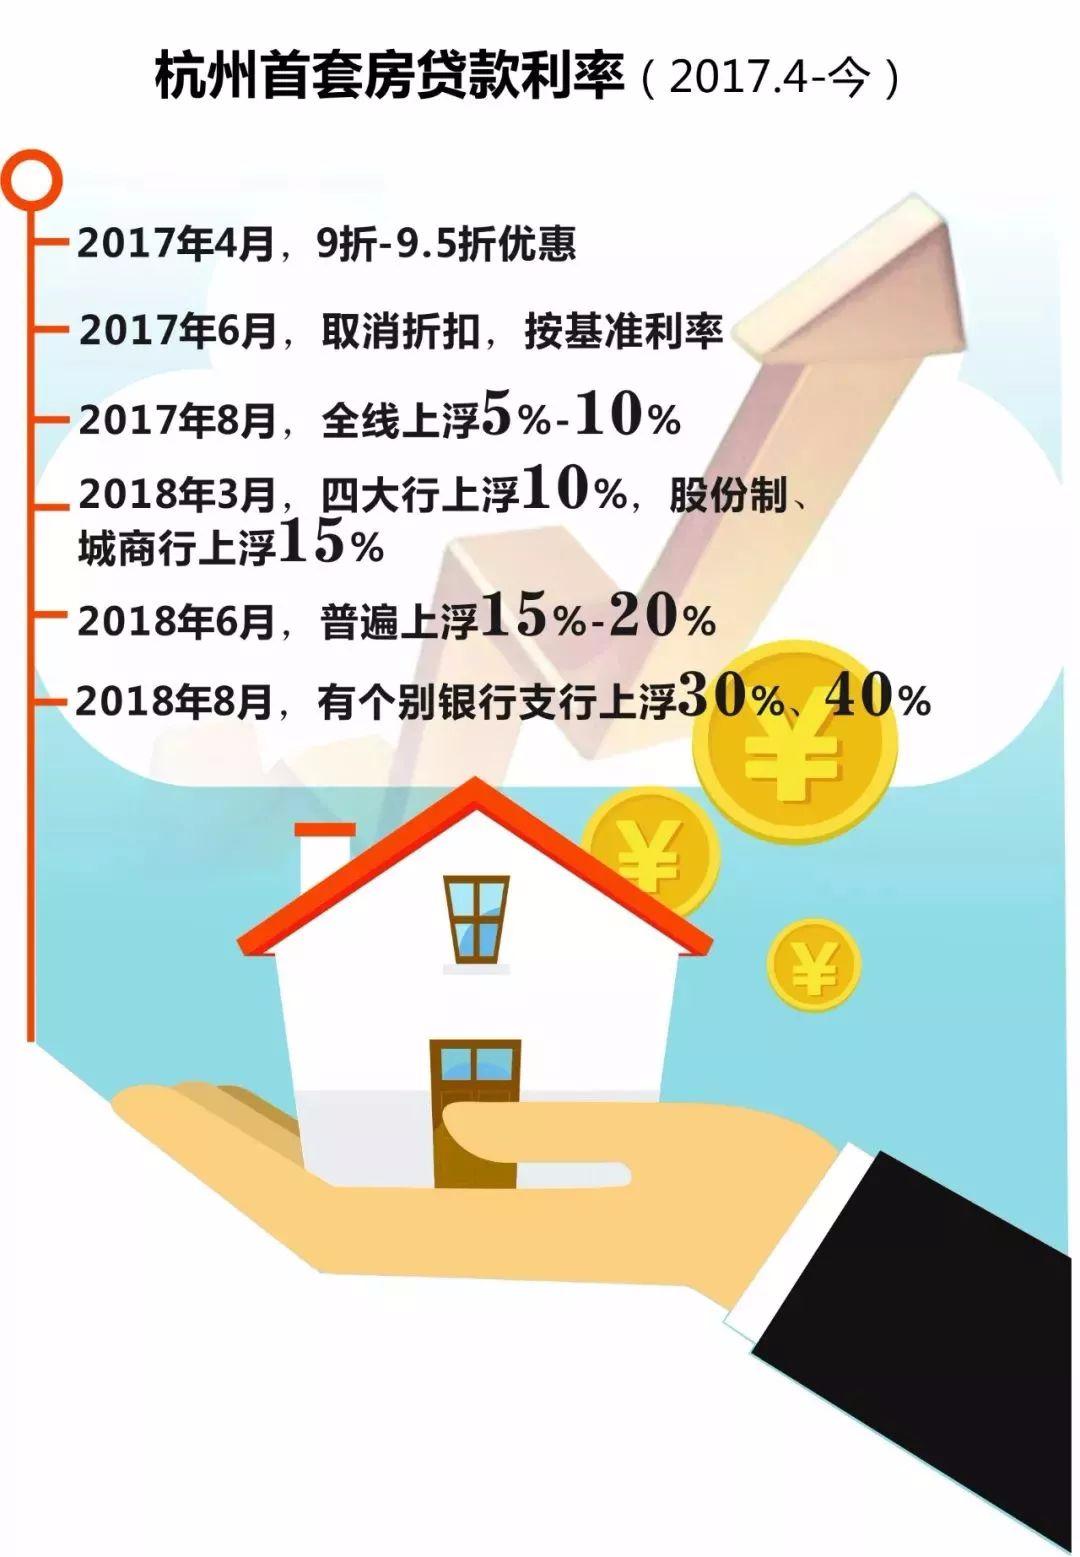 杭州房贷利率全面松动!二套房也适用